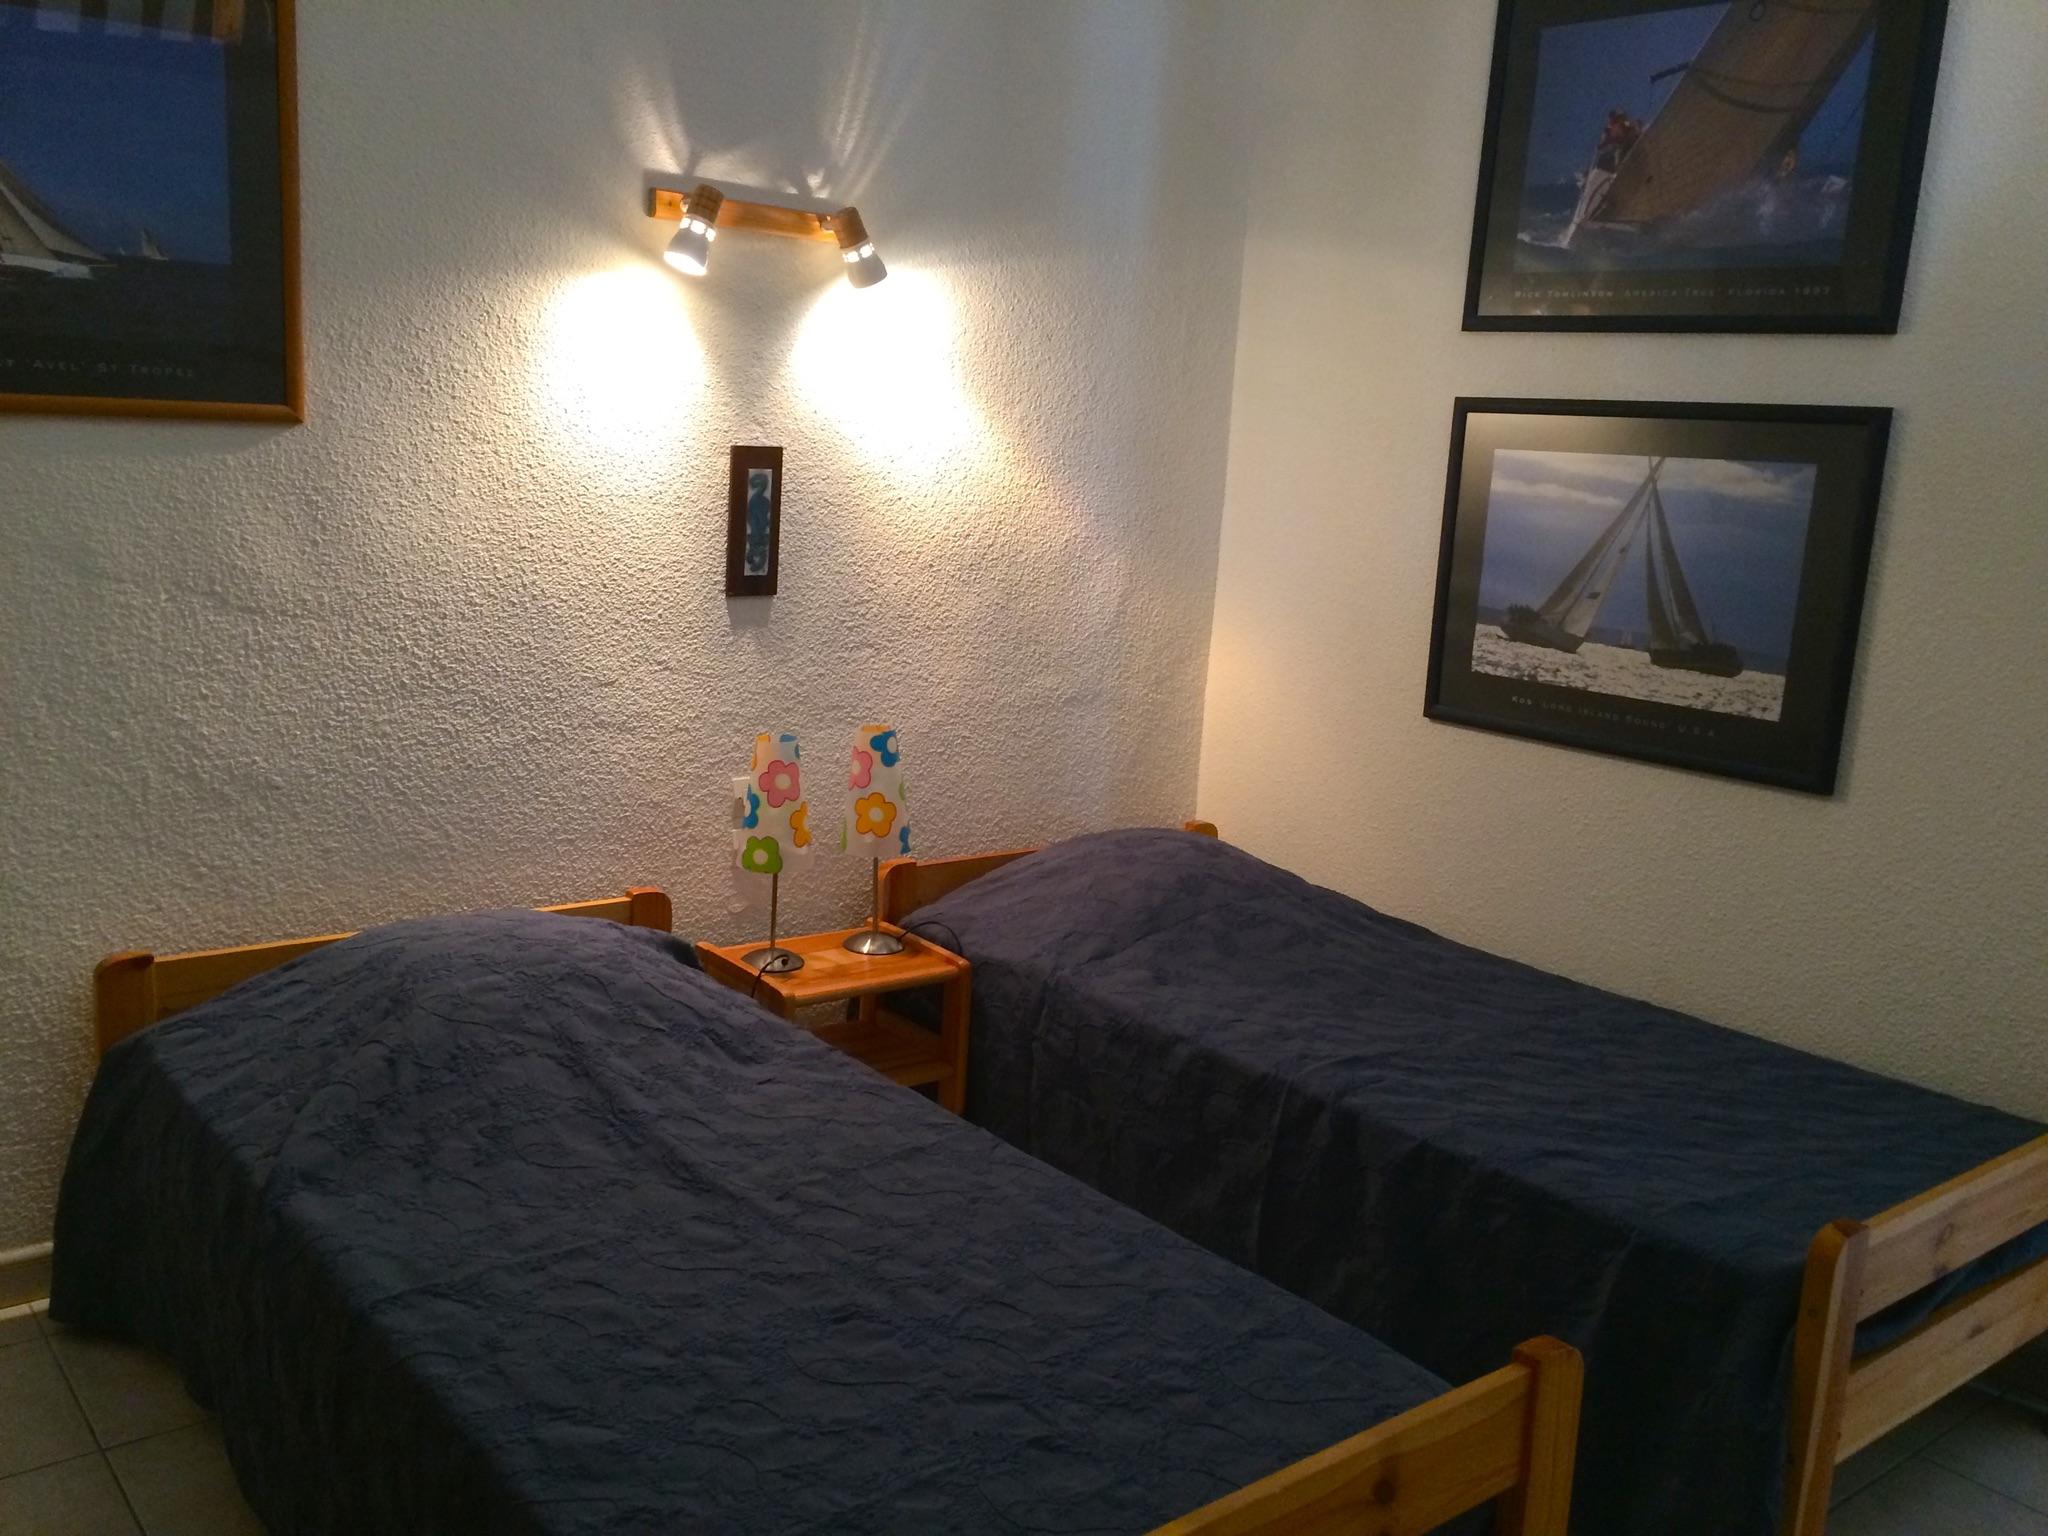 Ferienhaus Charaktervolles Haus in Hérault mit Pool und Garten (2201003), Portiragnes, Mittelmeerküste Hérault, Languedoc-Roussillon, Frankreich, Bild 17